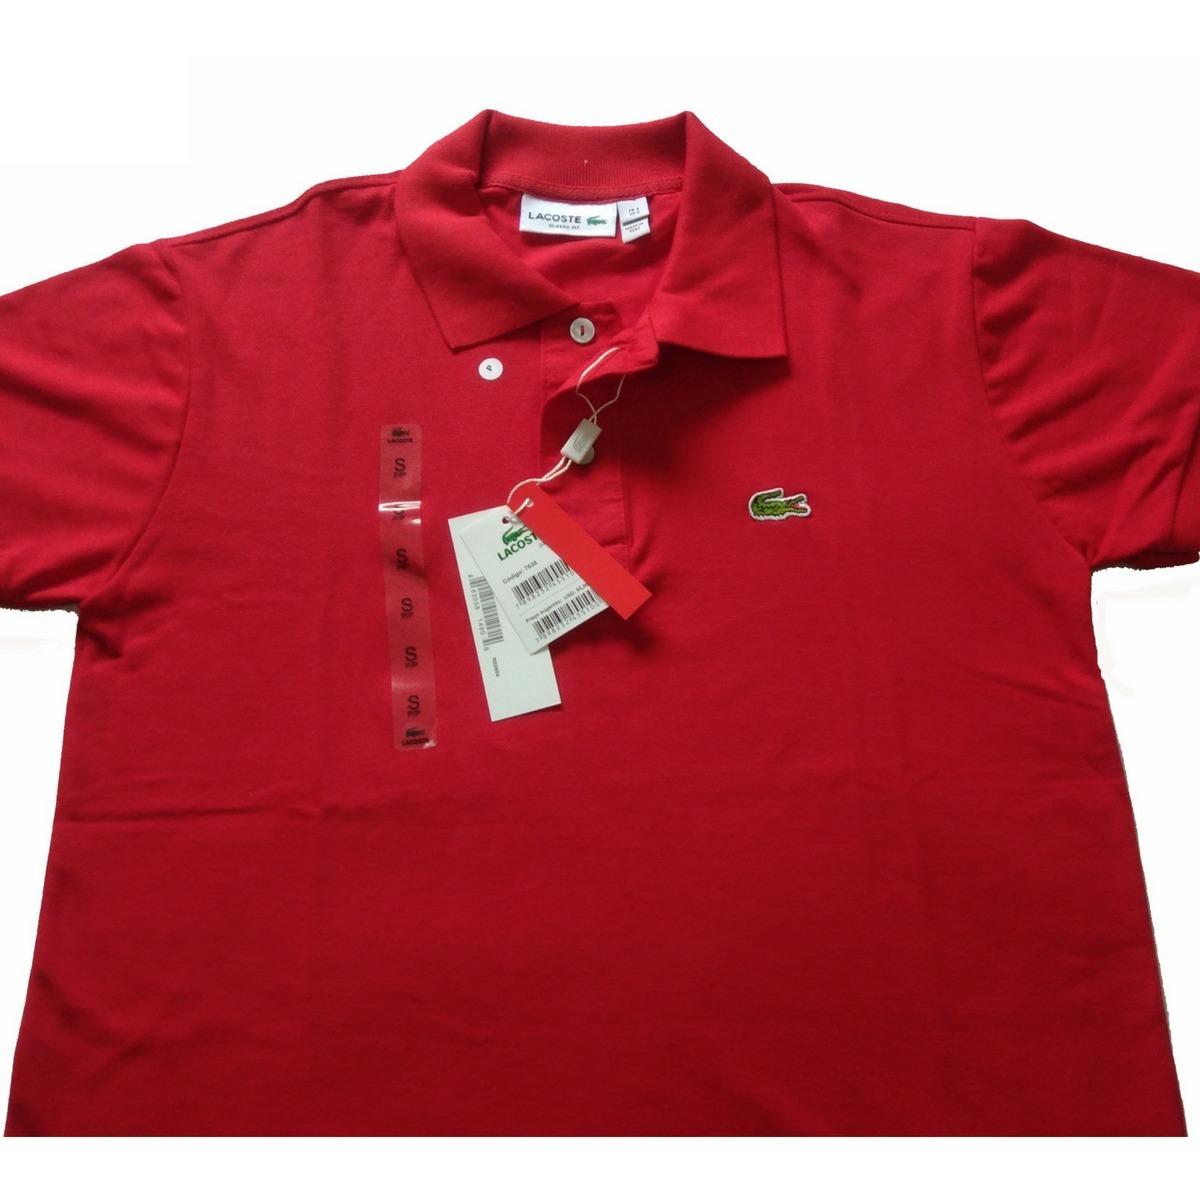 45540856be camisa polo lacoste masculina peruana - promoção. Carregando zoom.